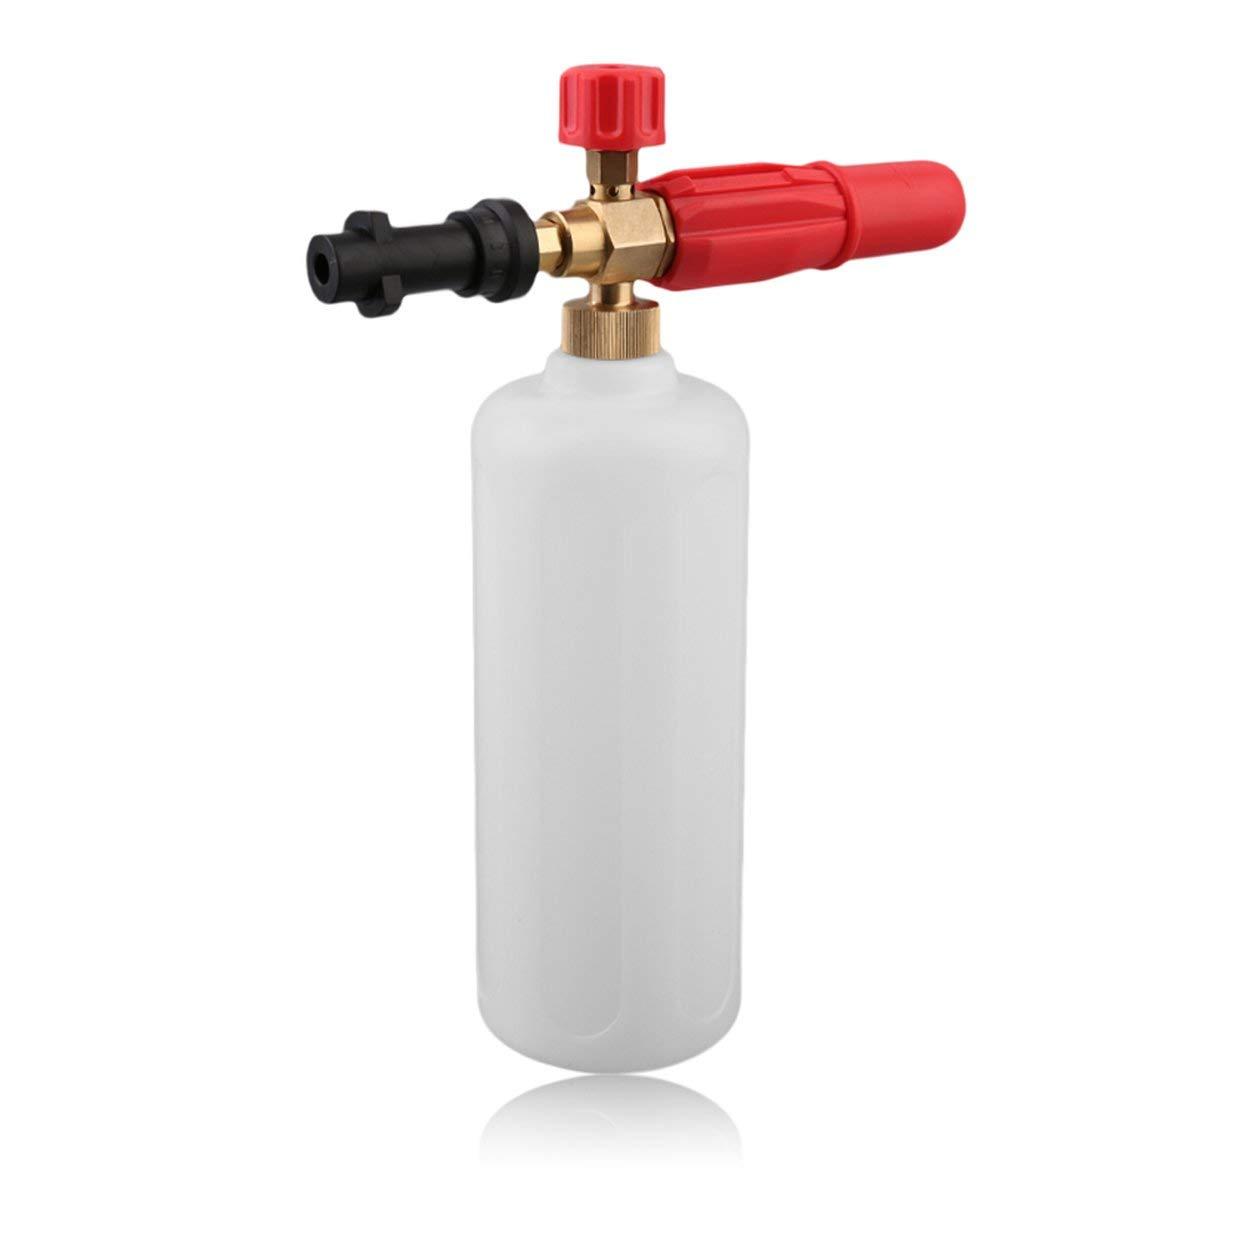 Hochdruck-HD-Messing-Schaumpistole-mit-1L-Messflasche-Karcher-K-Serie-Fahrzeug-Auto-Waschmaschine-Kompatibel-Schnee-Foam-Lance